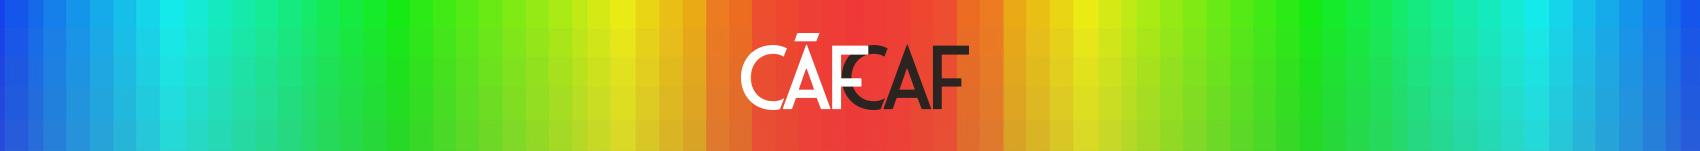 CafCaf Logo -Regenbogen